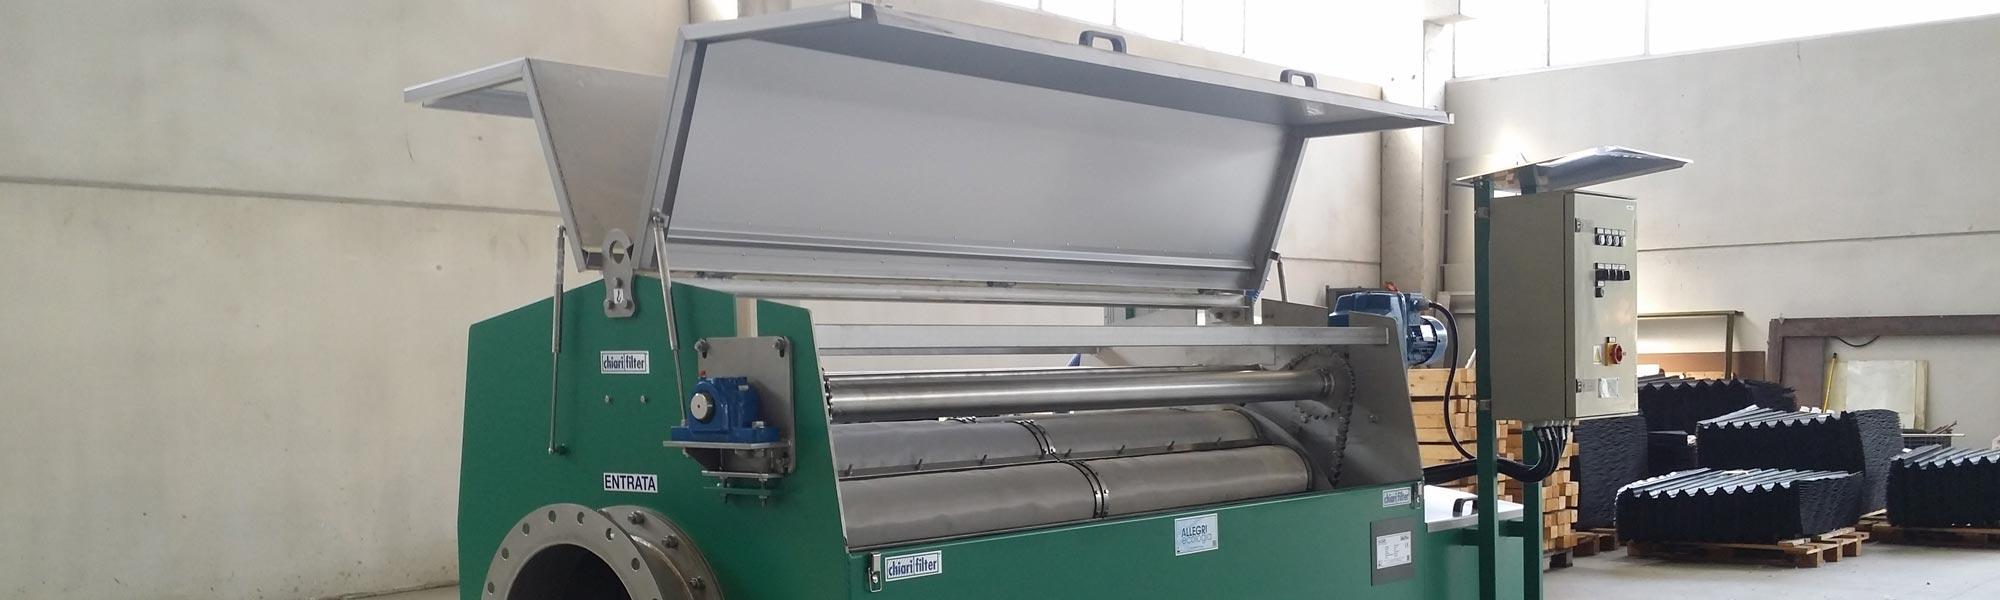 slide Chiarifilter impianti di filtrazione